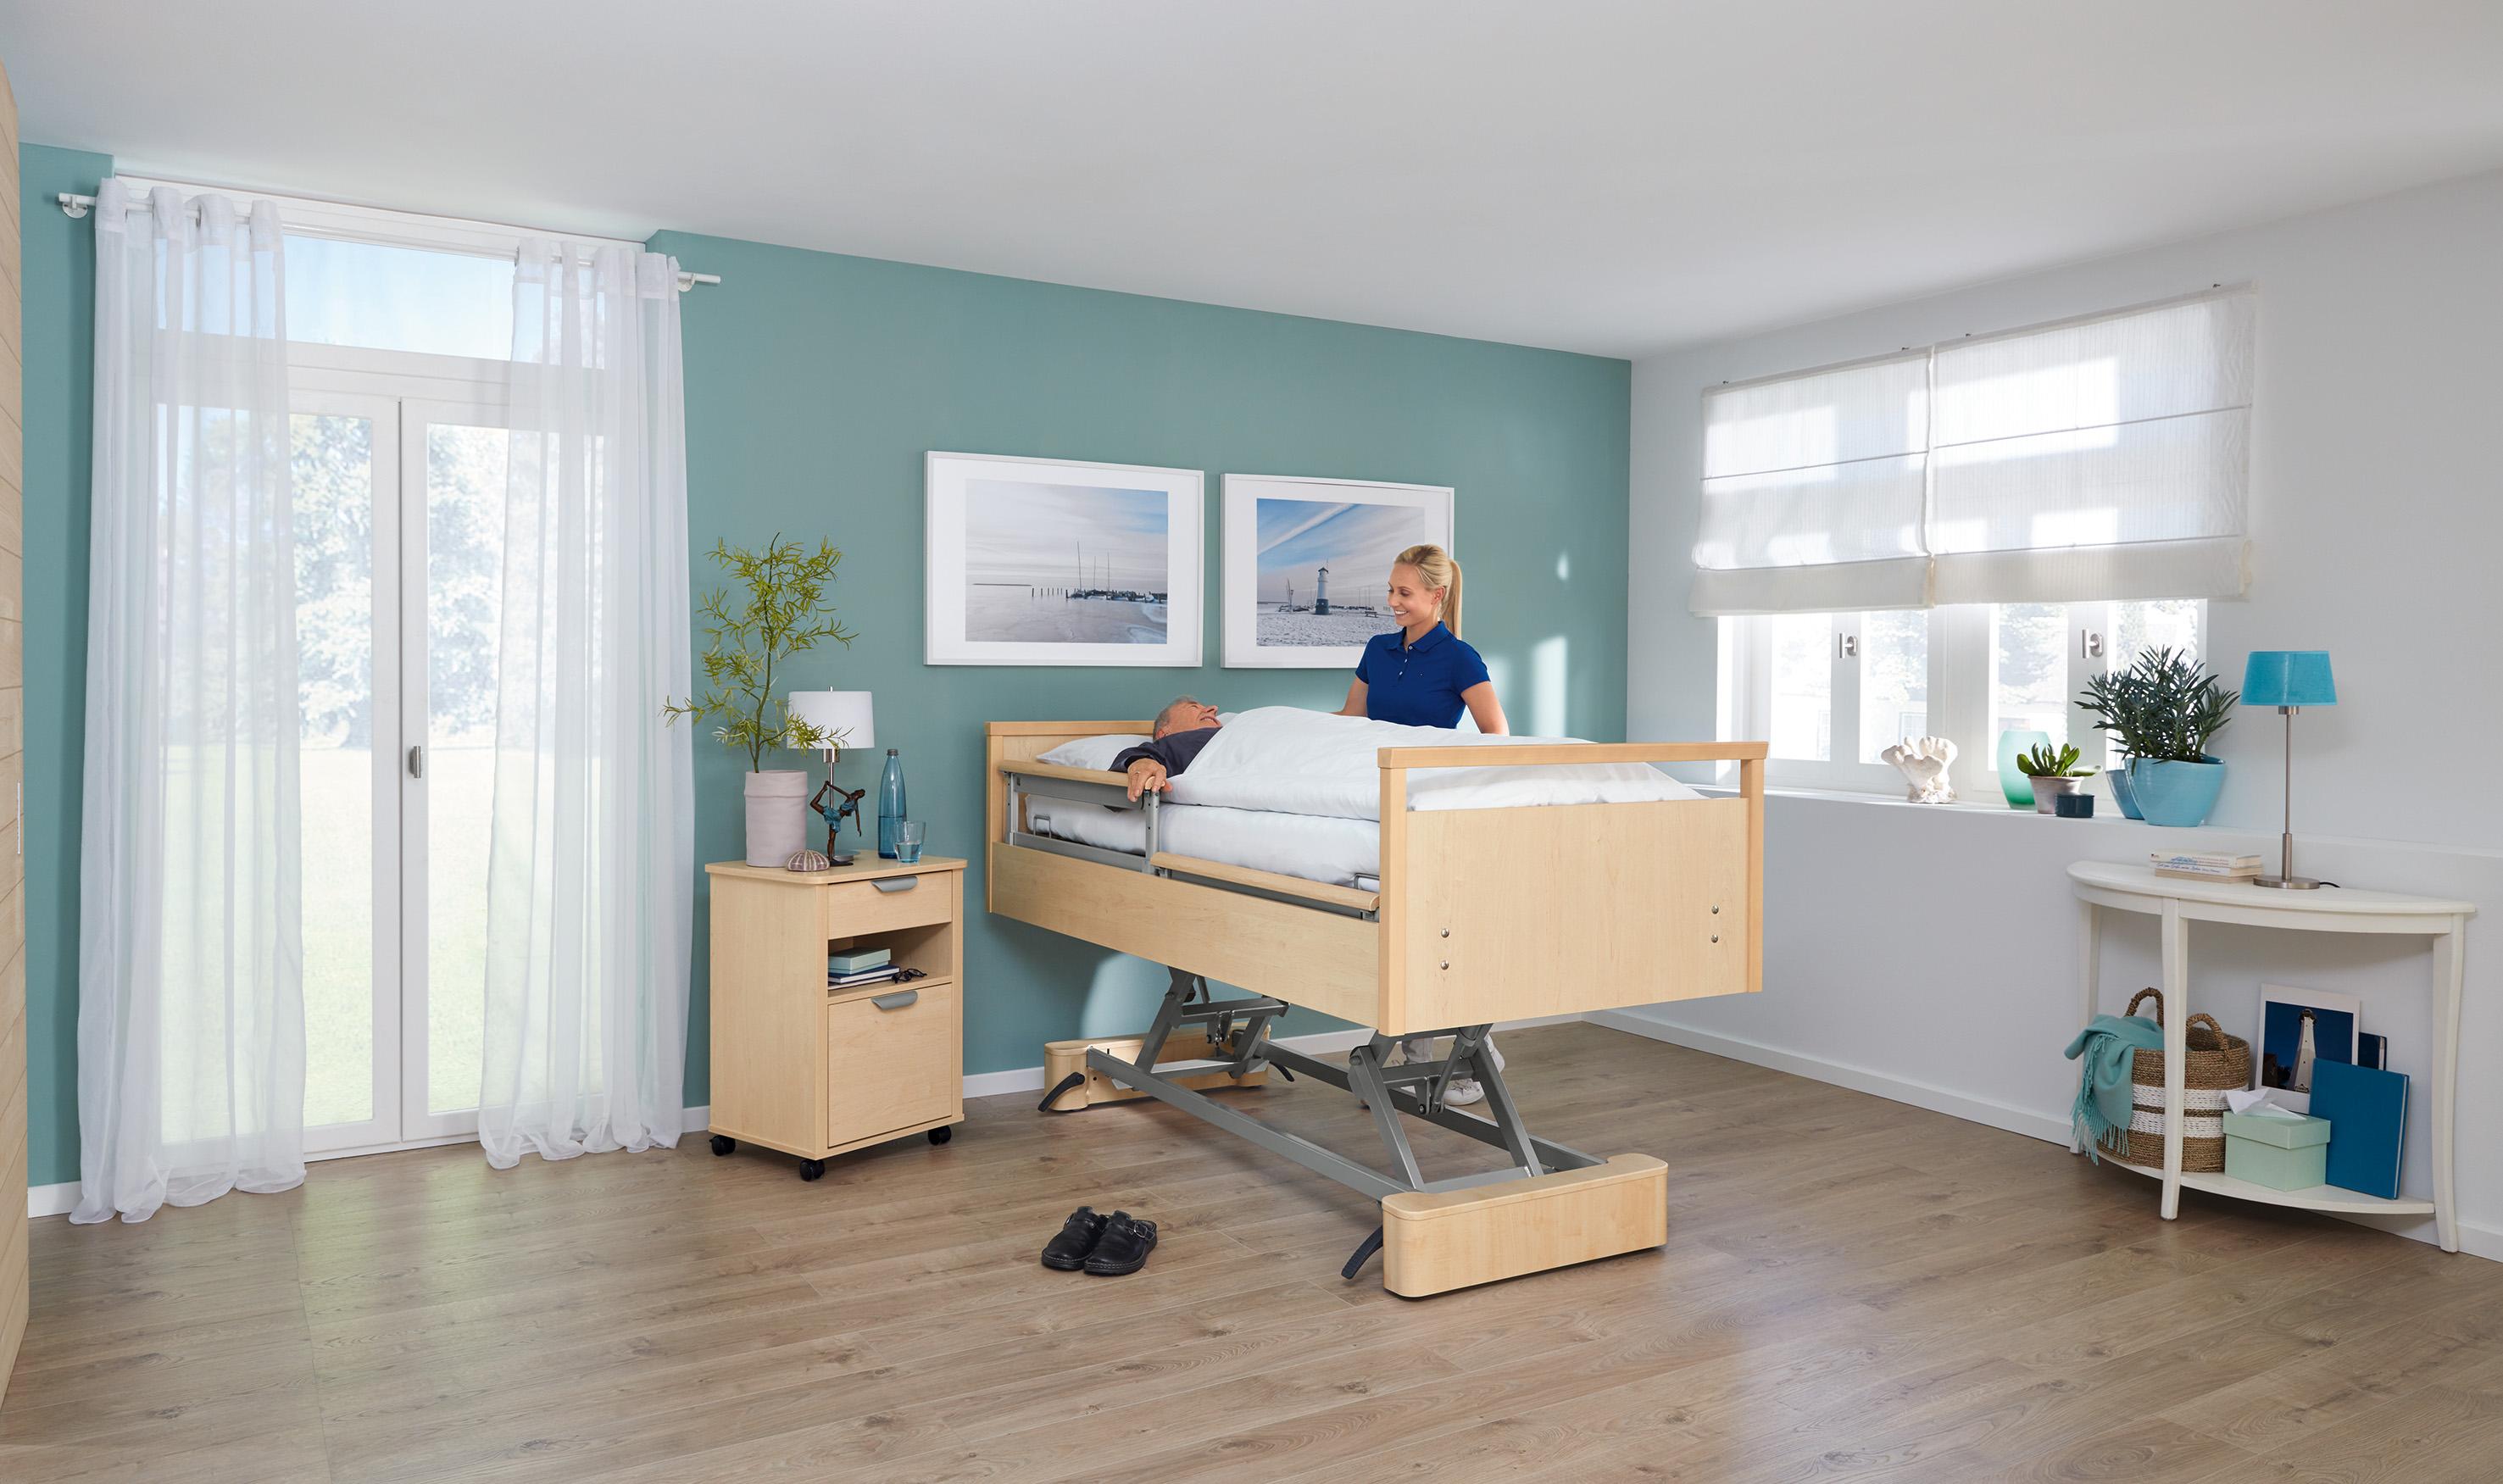 Ergonomisches Arbeiten in Pflegeberufen